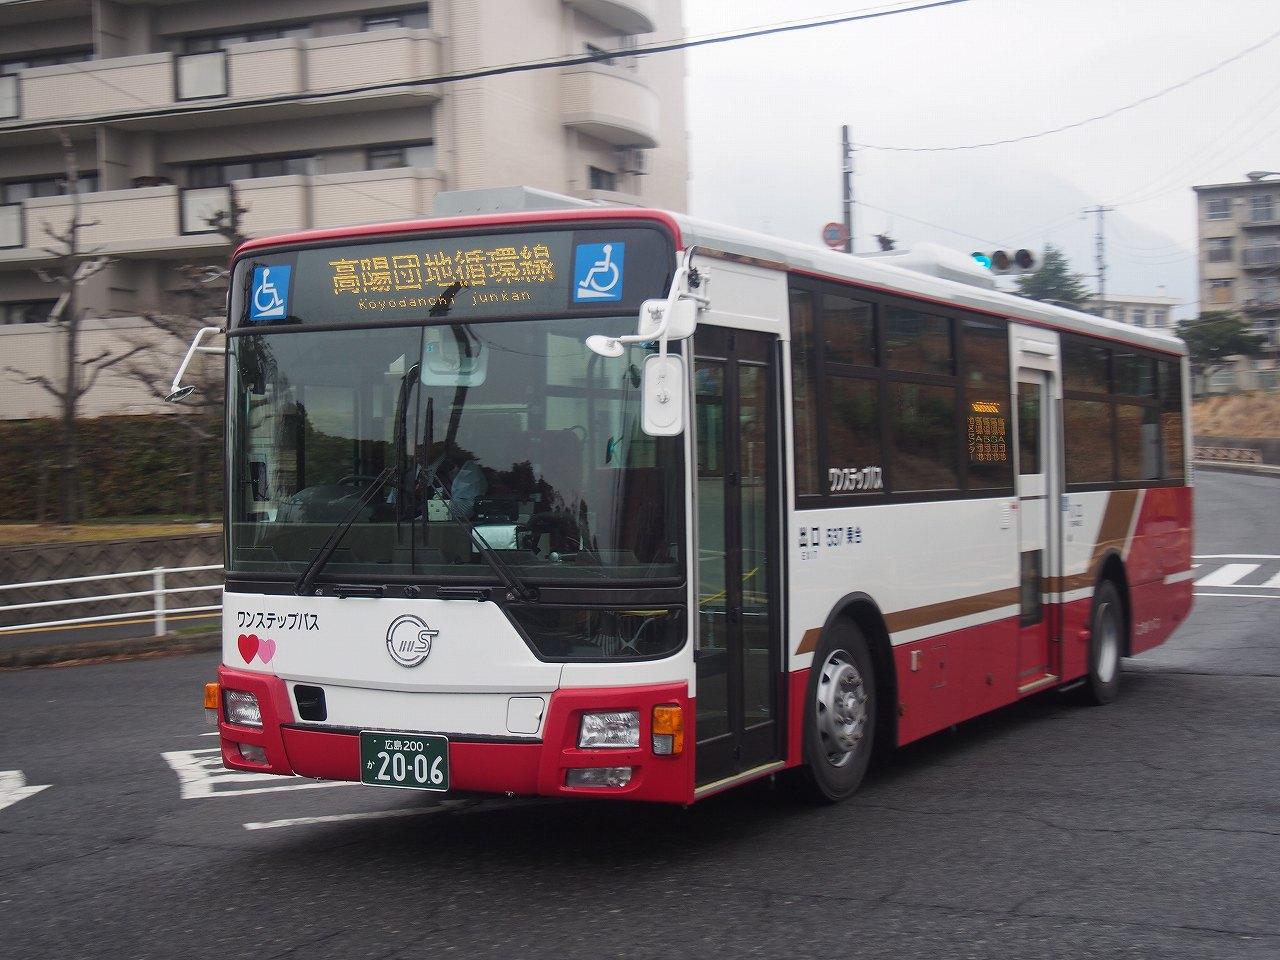 広島のバスの畫像集blog / 広島バス537